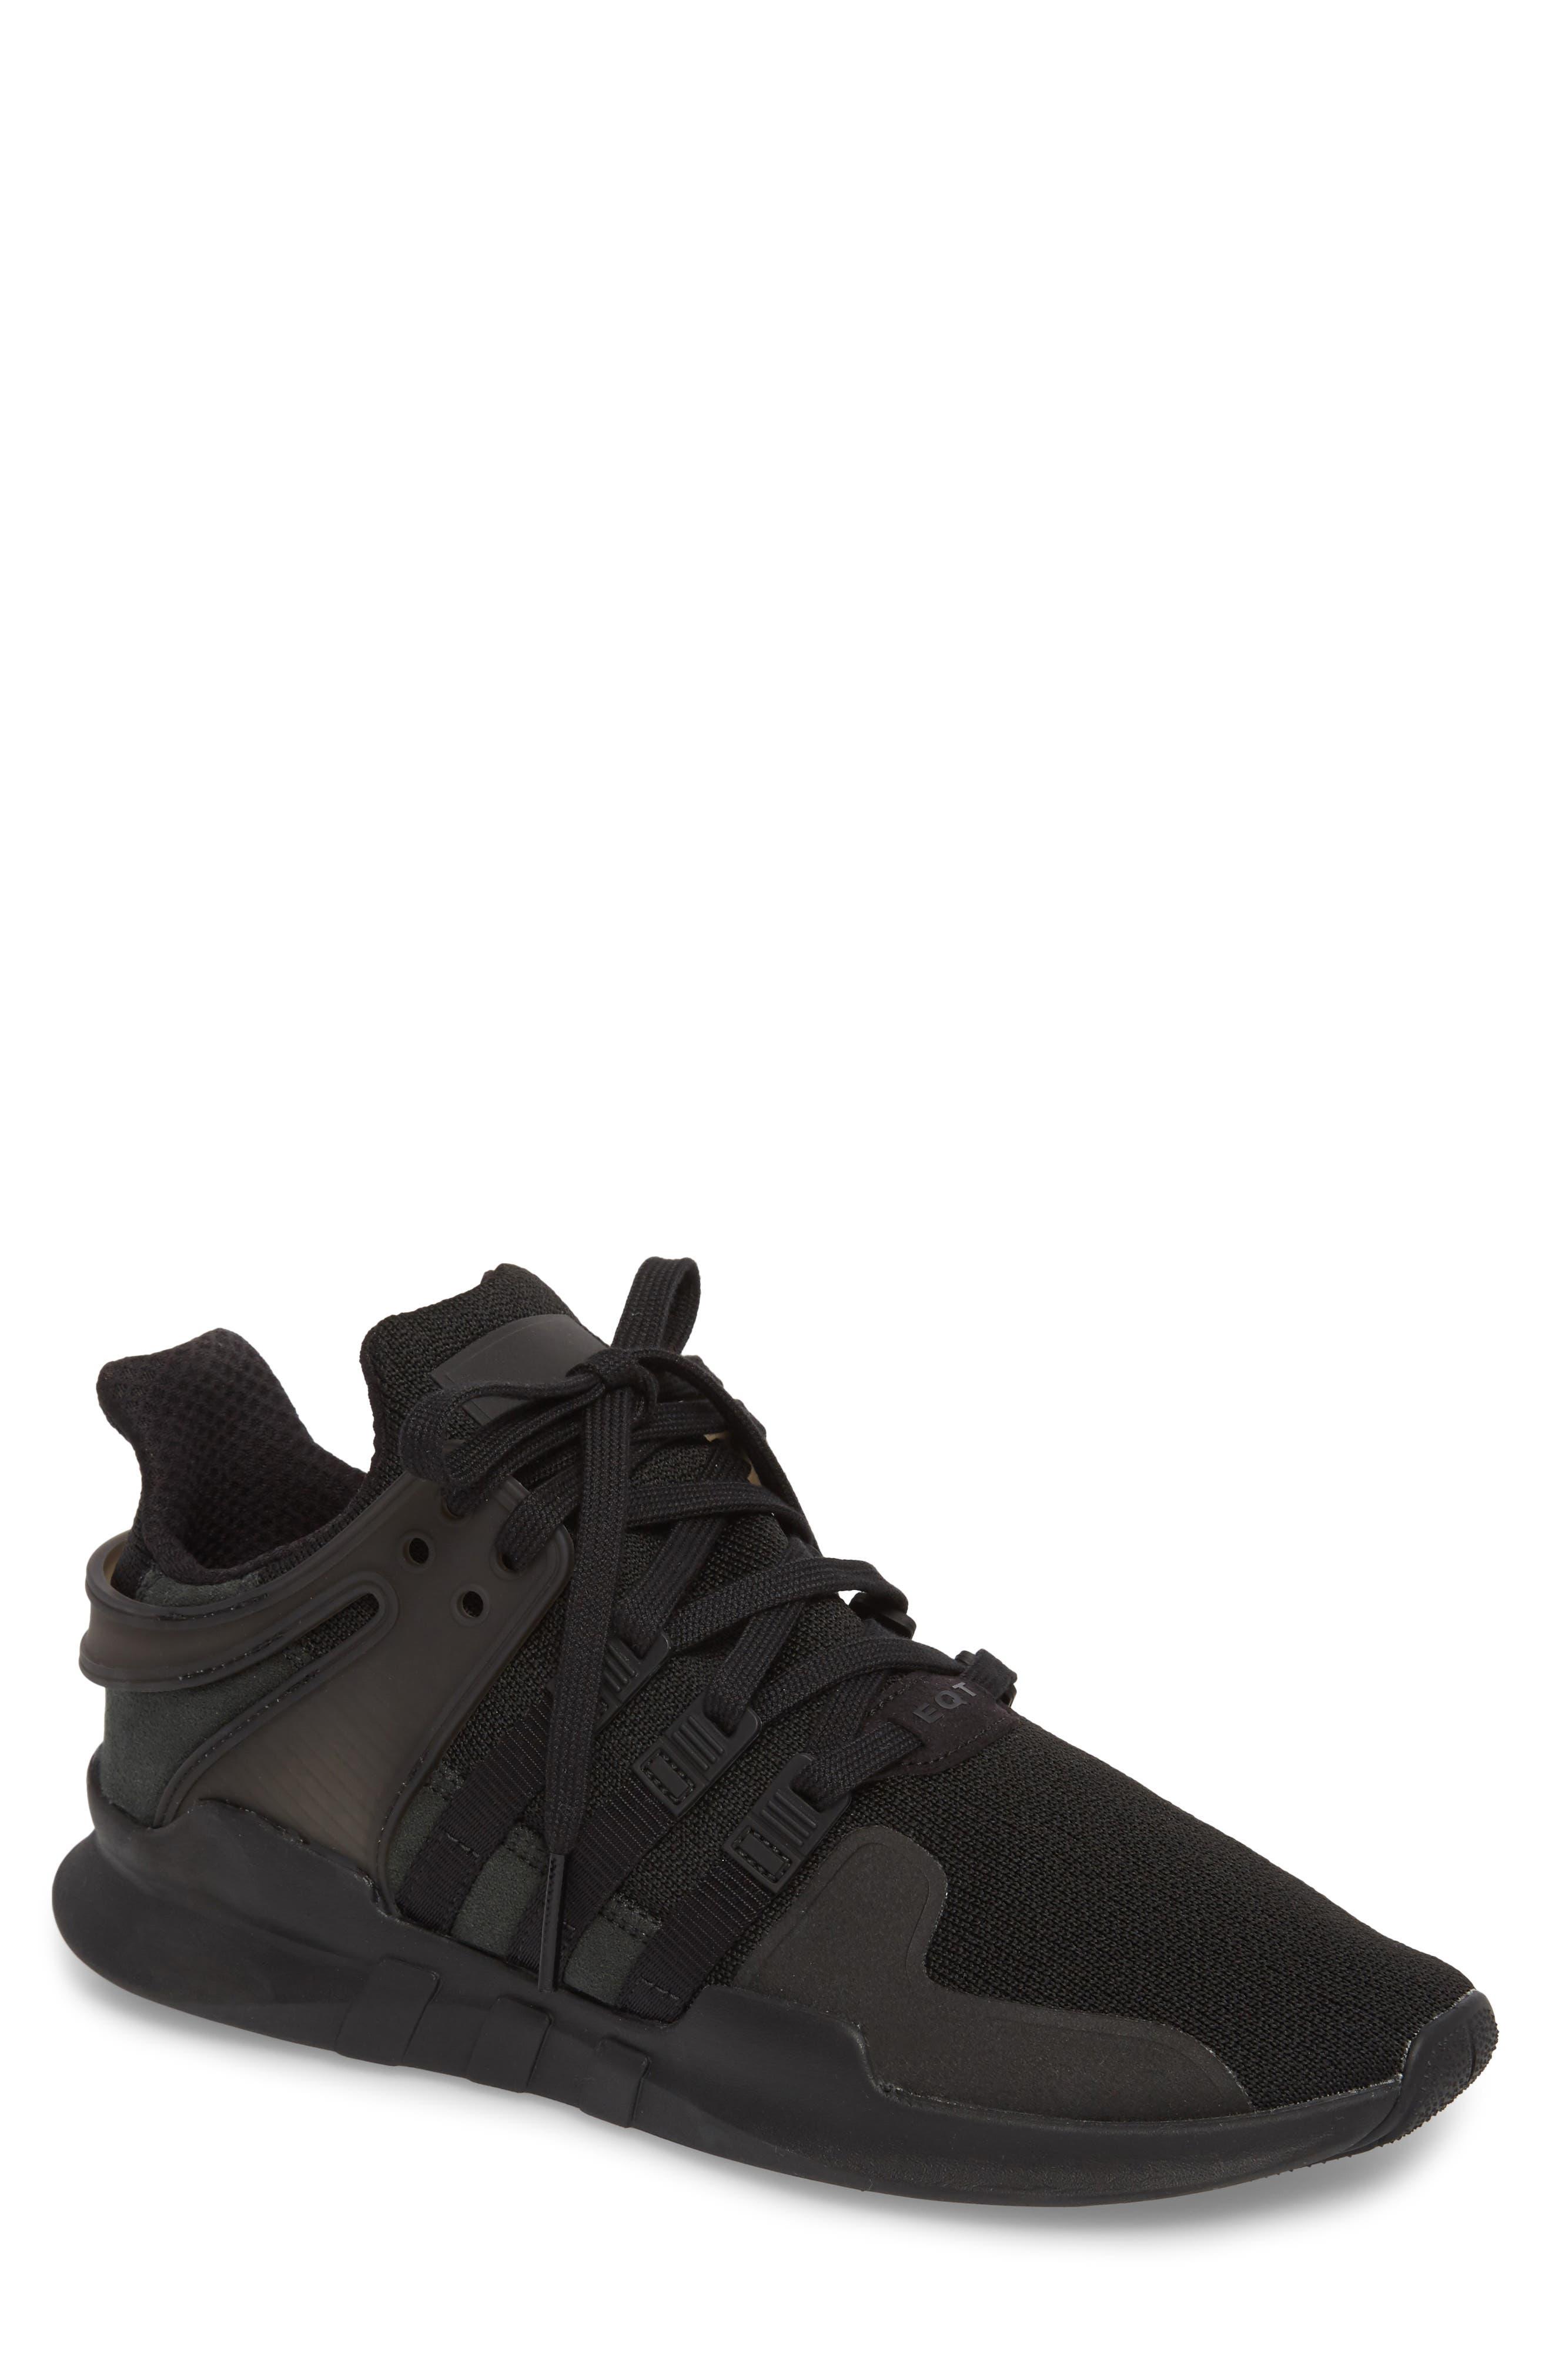 EQT Support Adv Sneaker,                         Main,                         color, 005